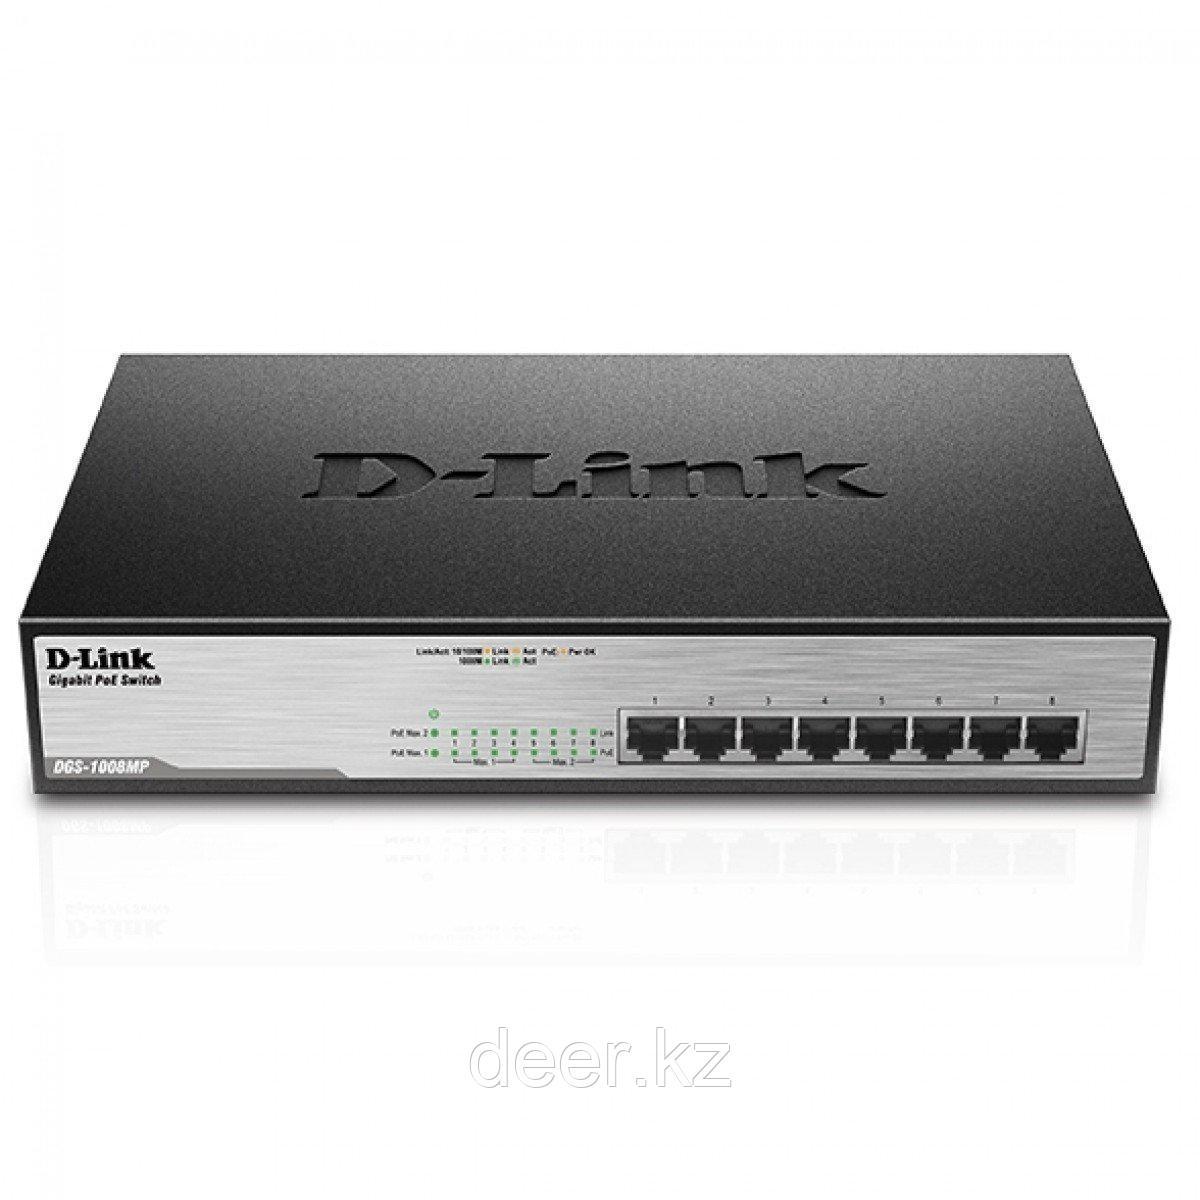 D-Link DGS-1008MP Коммутатор 8 портов 10/100/1000Base-T с поддержкой PoE (802.3at)